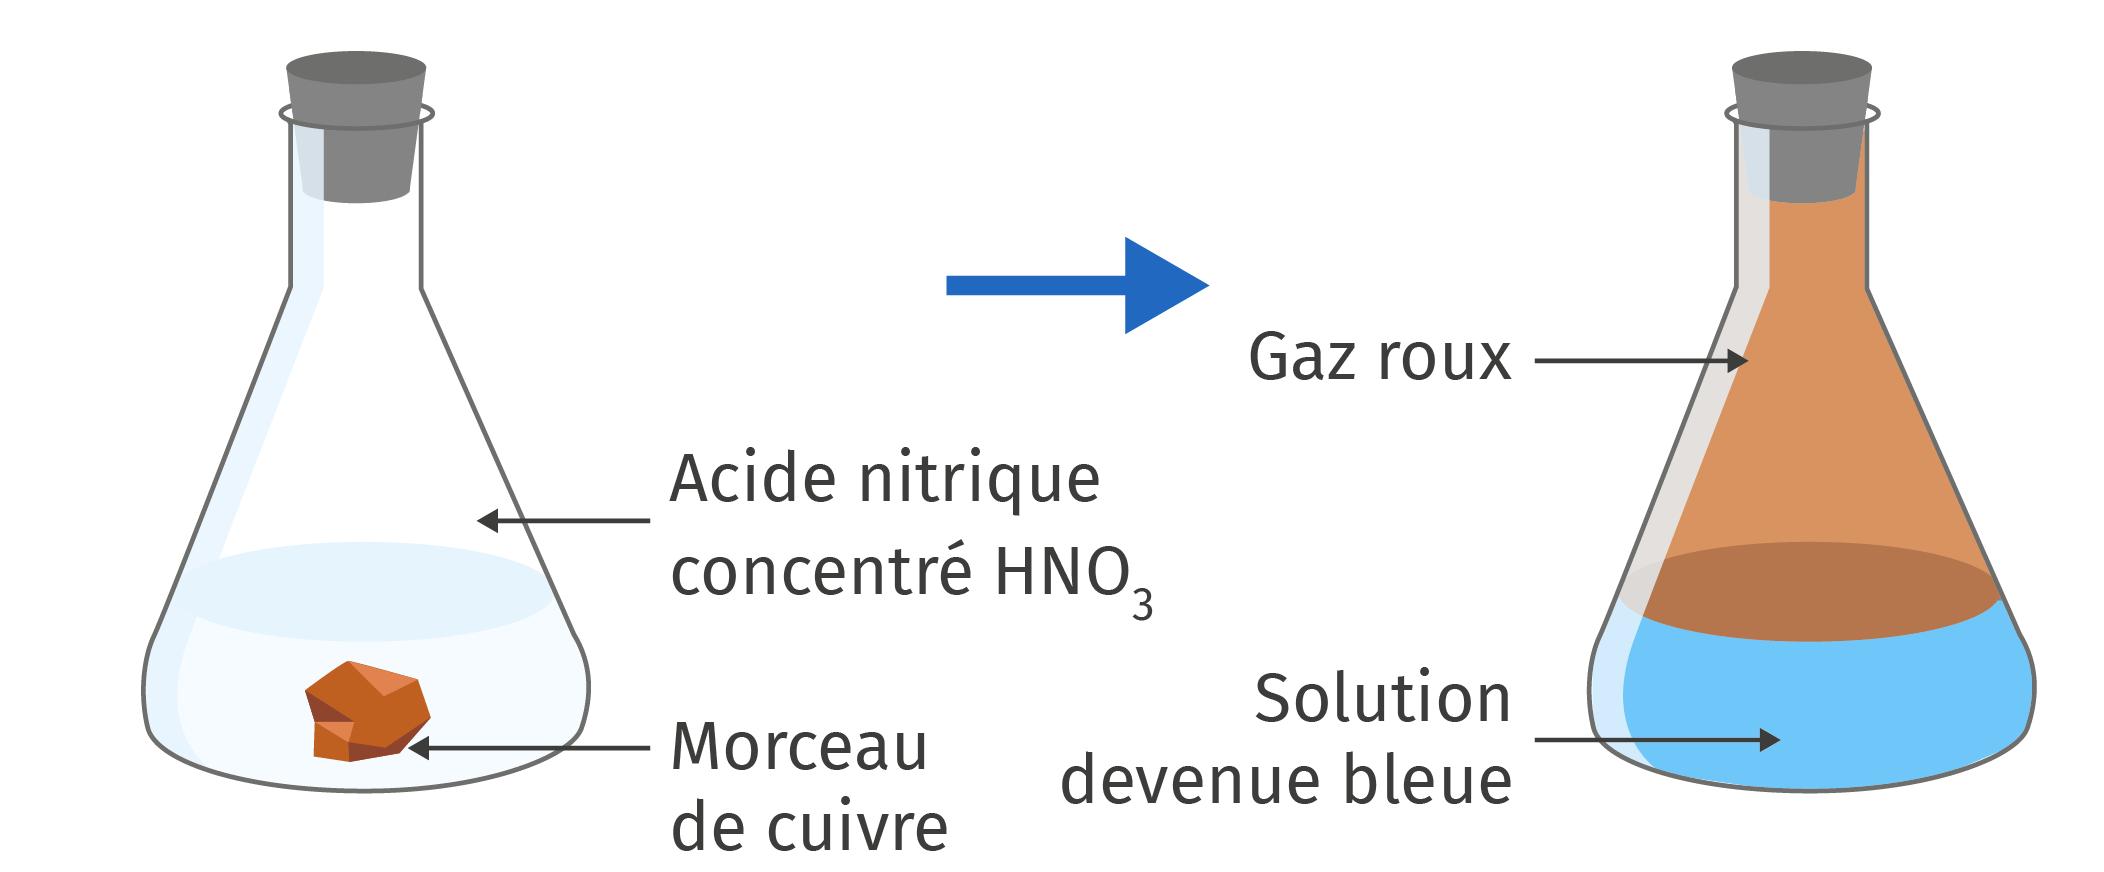 cycle du cuivre, étape de réaction